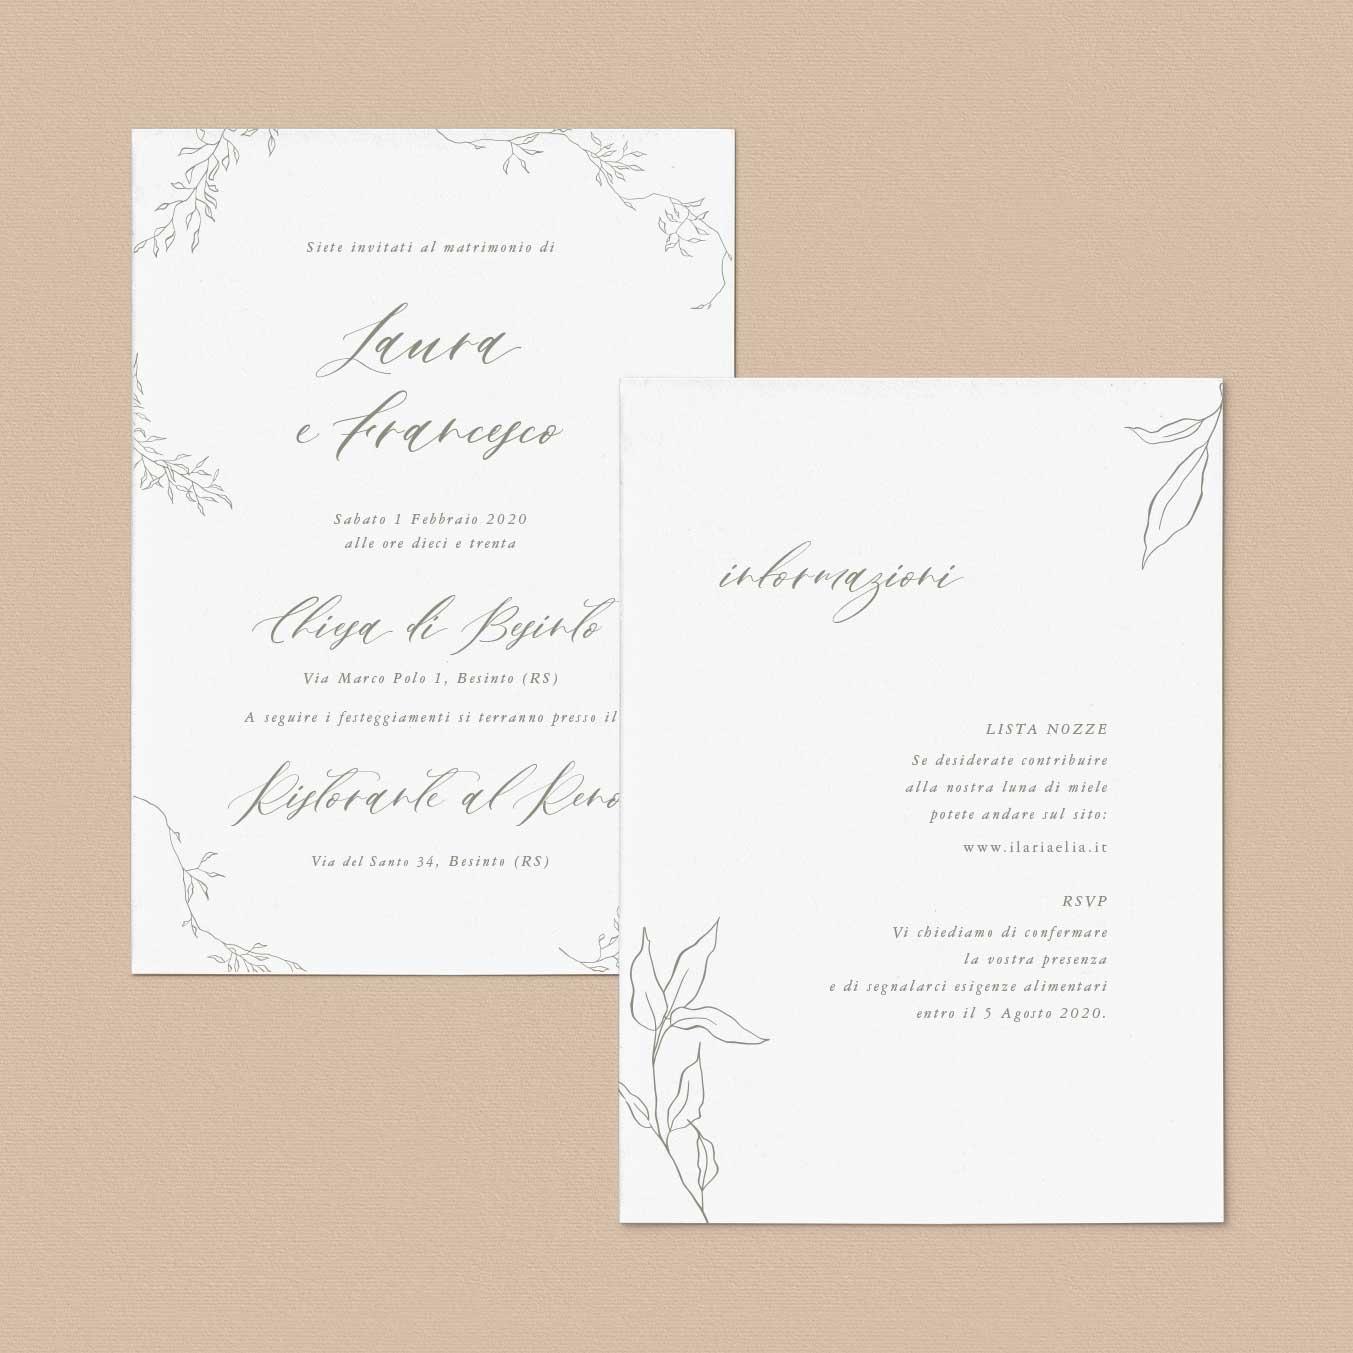 Partecipazioni-catalogo-personalizzate-rustico-vintage-natura-natural-chic-boho-inviti-matrimonio-elegante-vintage